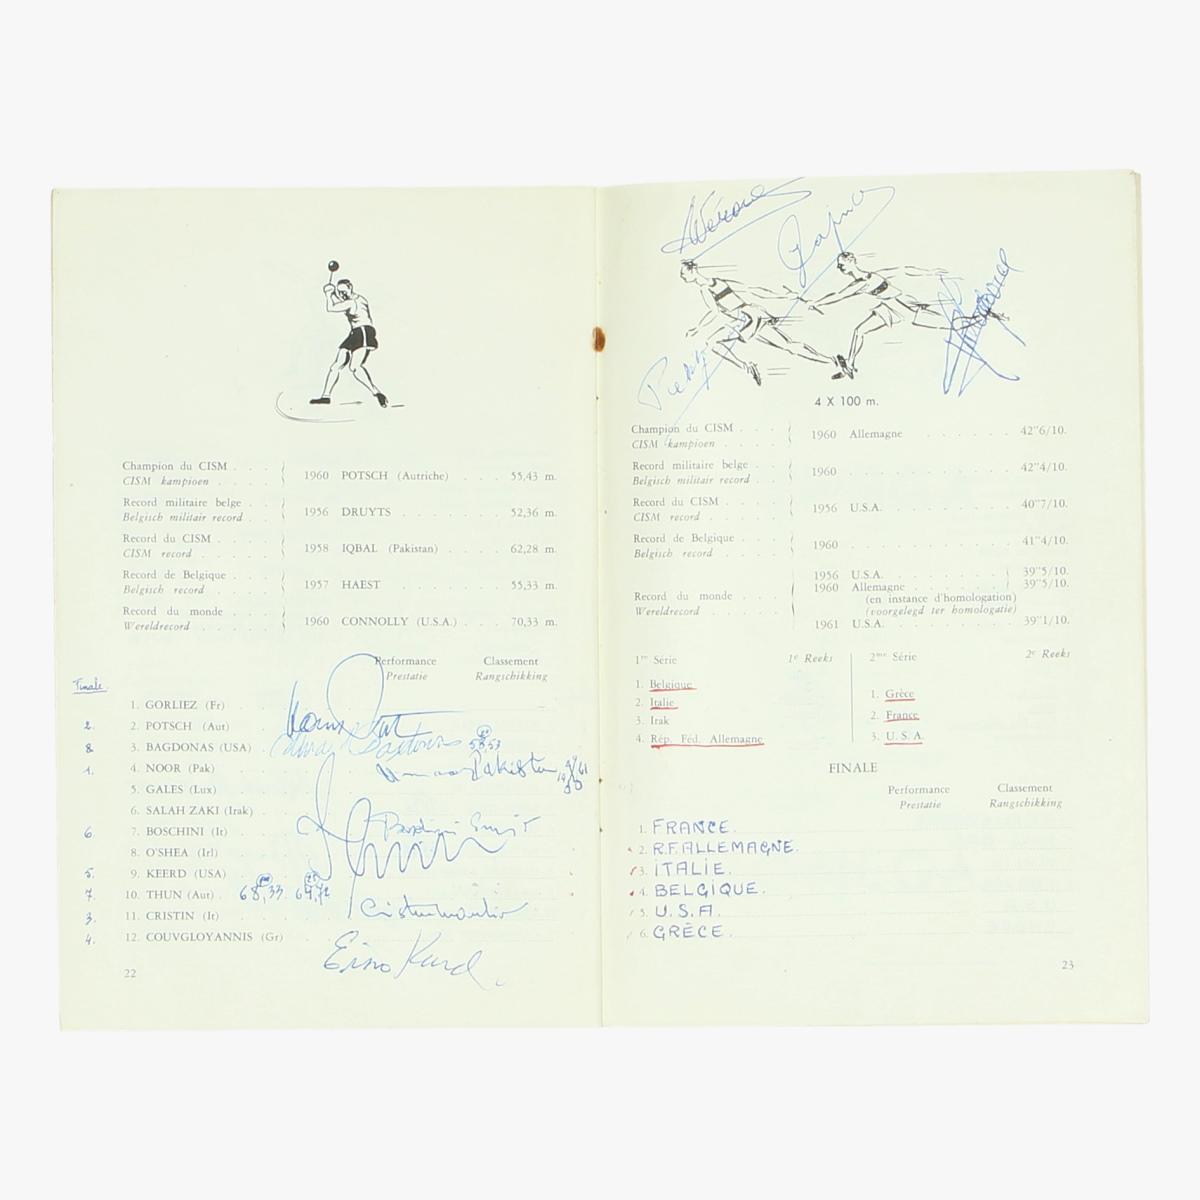 Afbeeldingen van championnat d'athletisme 1961 programma boekje en de uitslagen